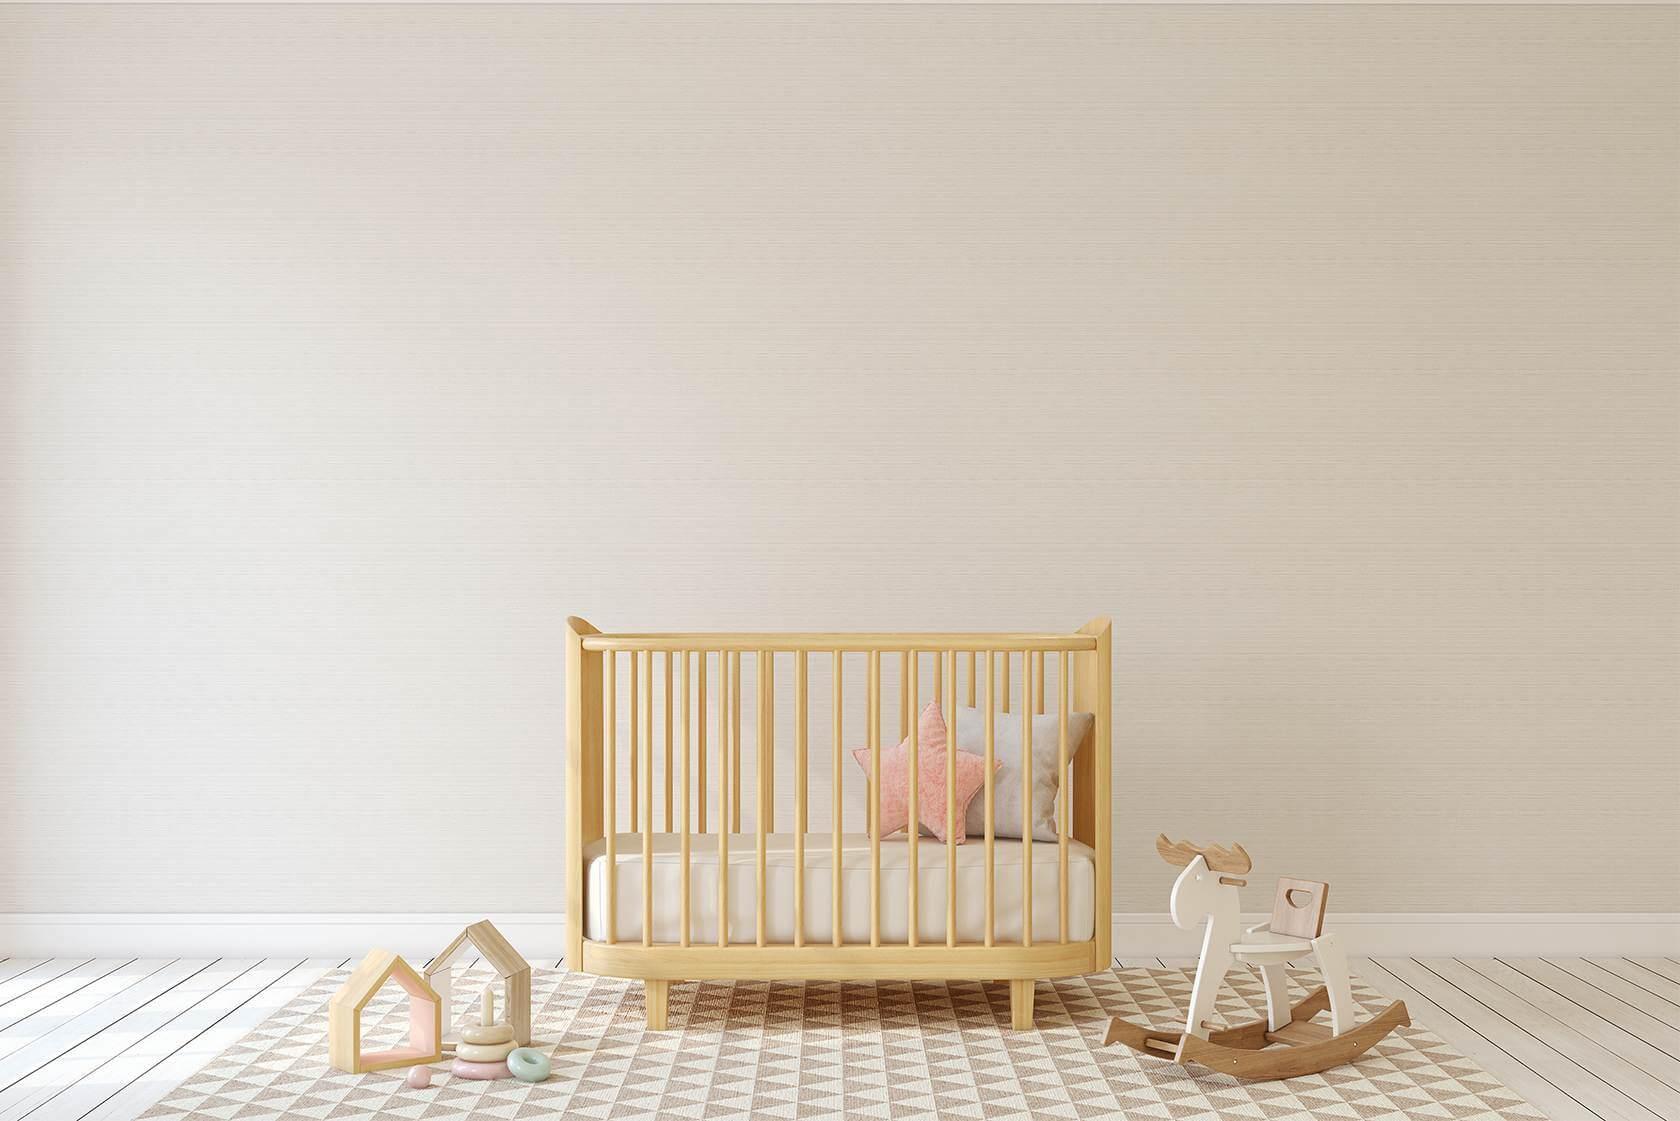 Babymett Beistellbett im Kinderzimmer mit Spielzeugen